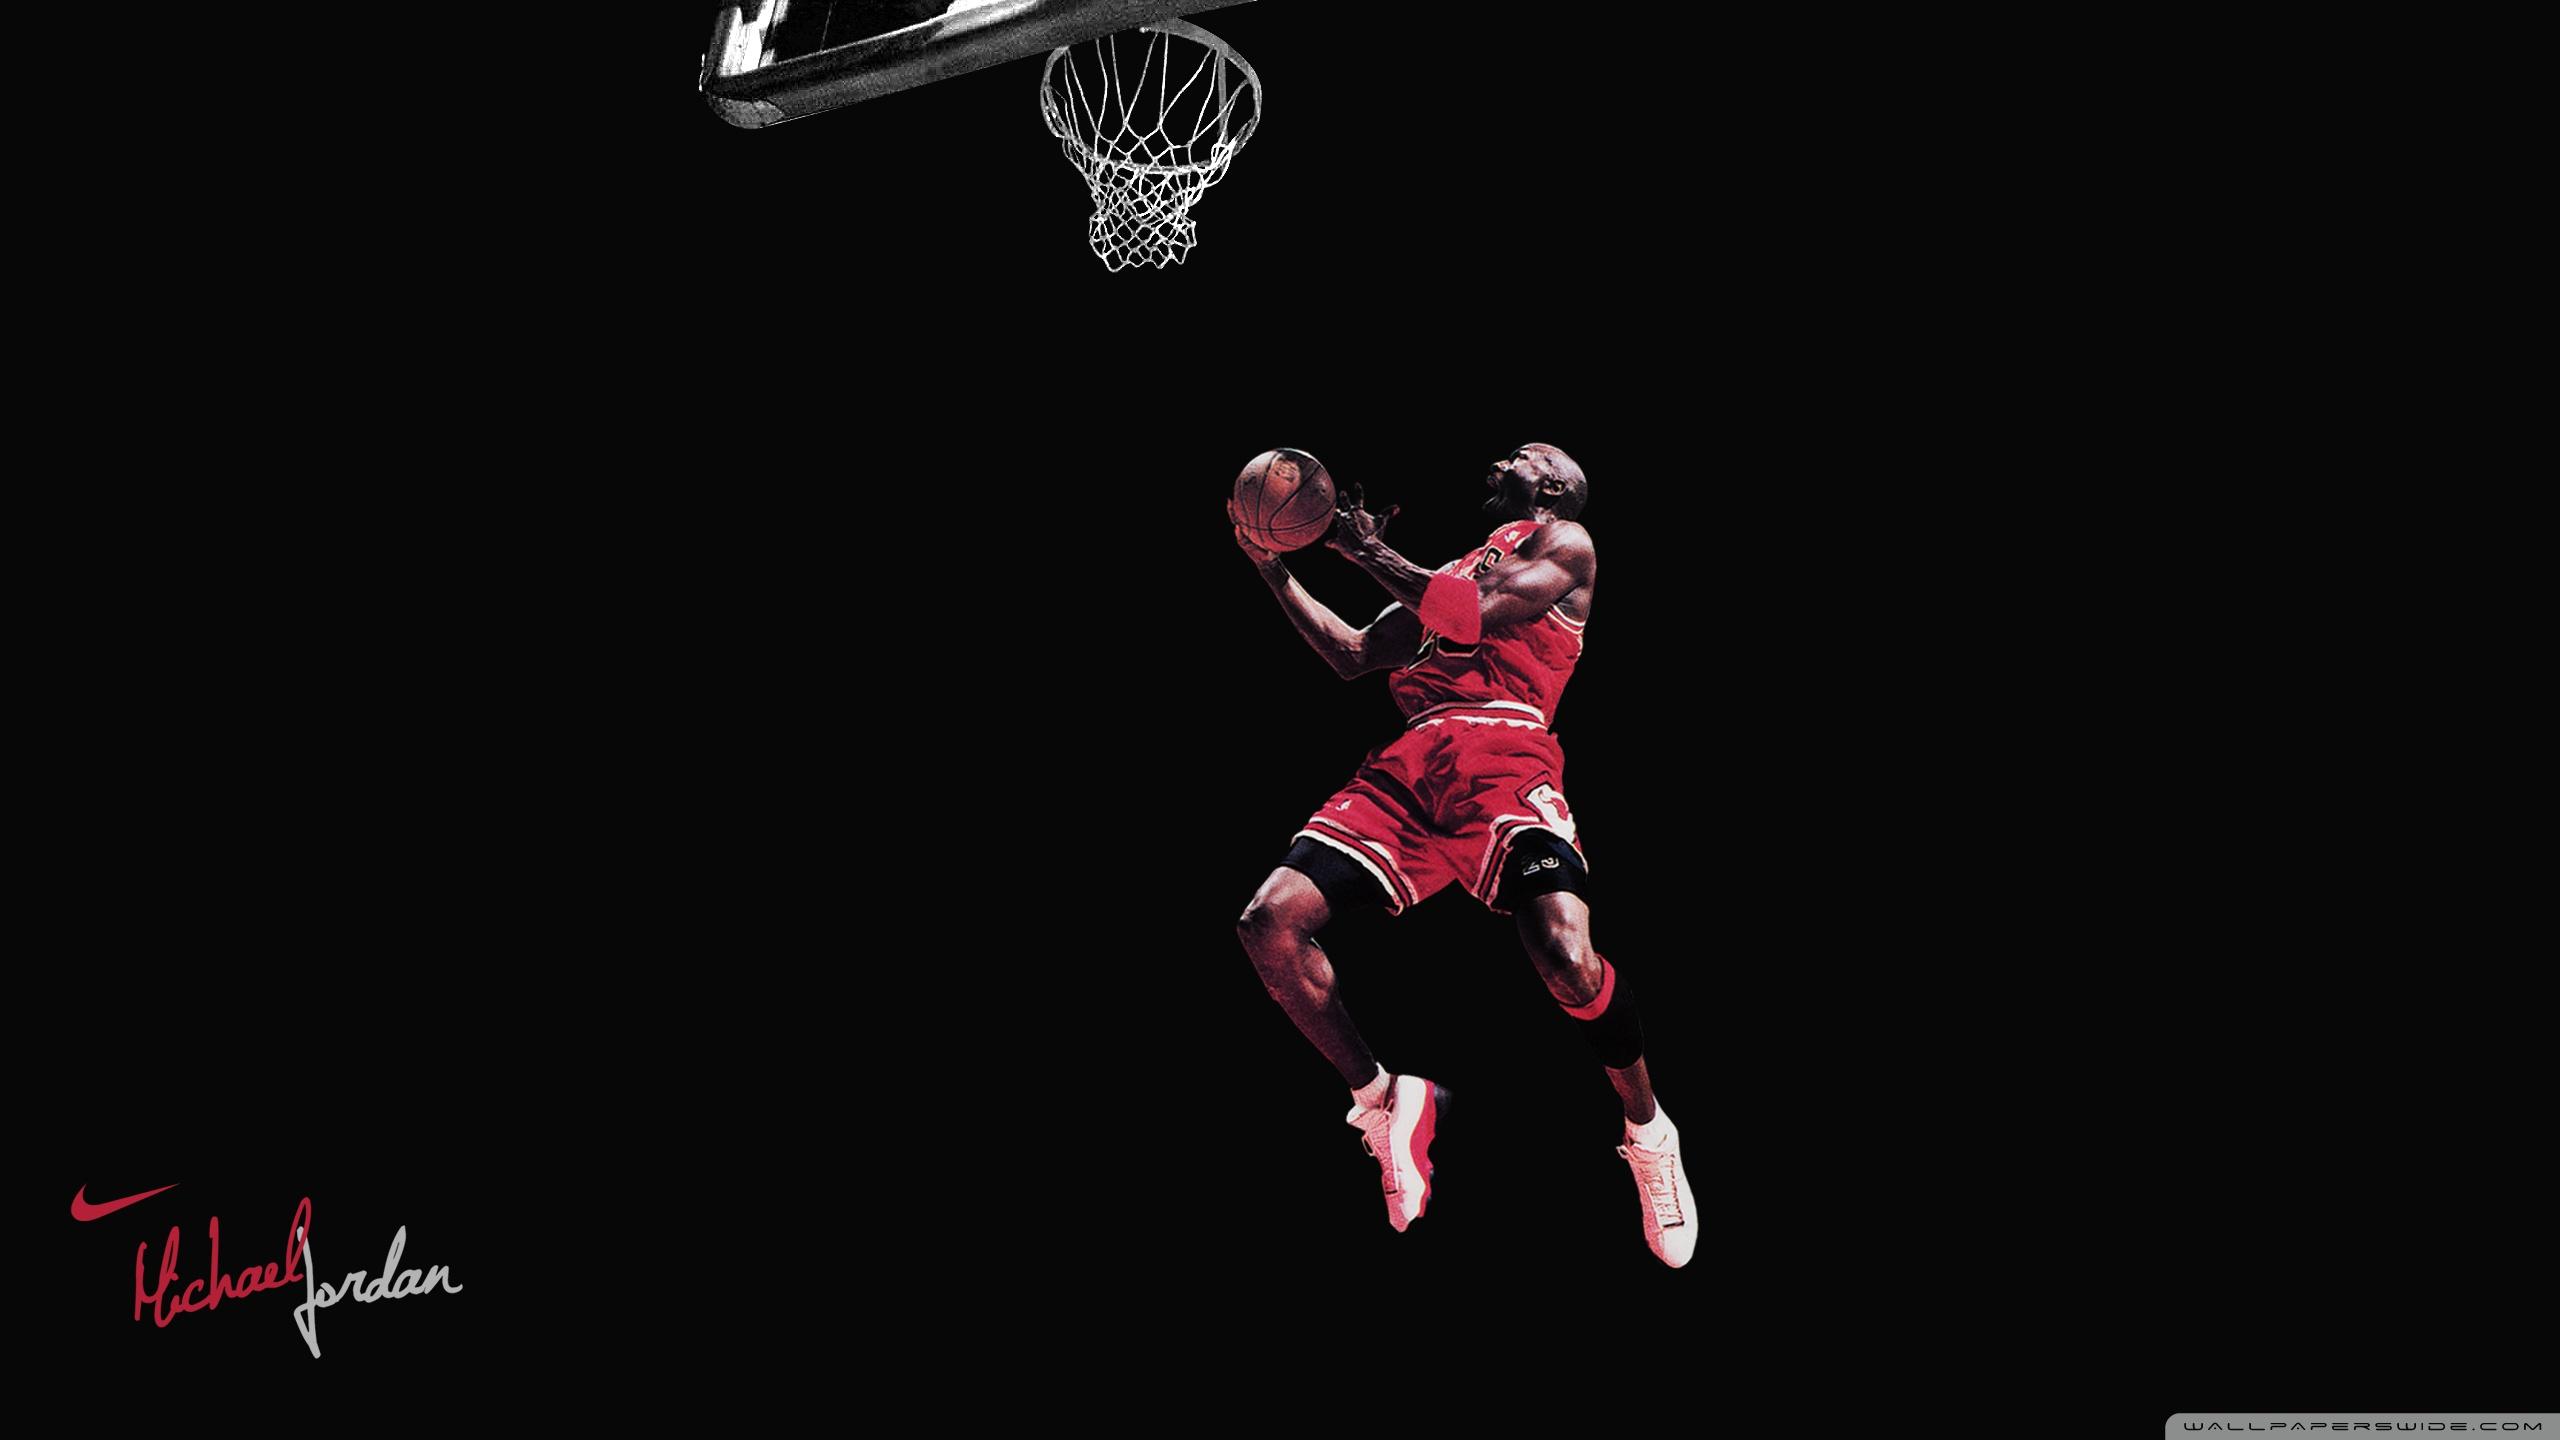 Michael Jordan Wallpaper Hd Michael Jordan Clean 4k Hd Desktop Wallpaper For 4k Ultra